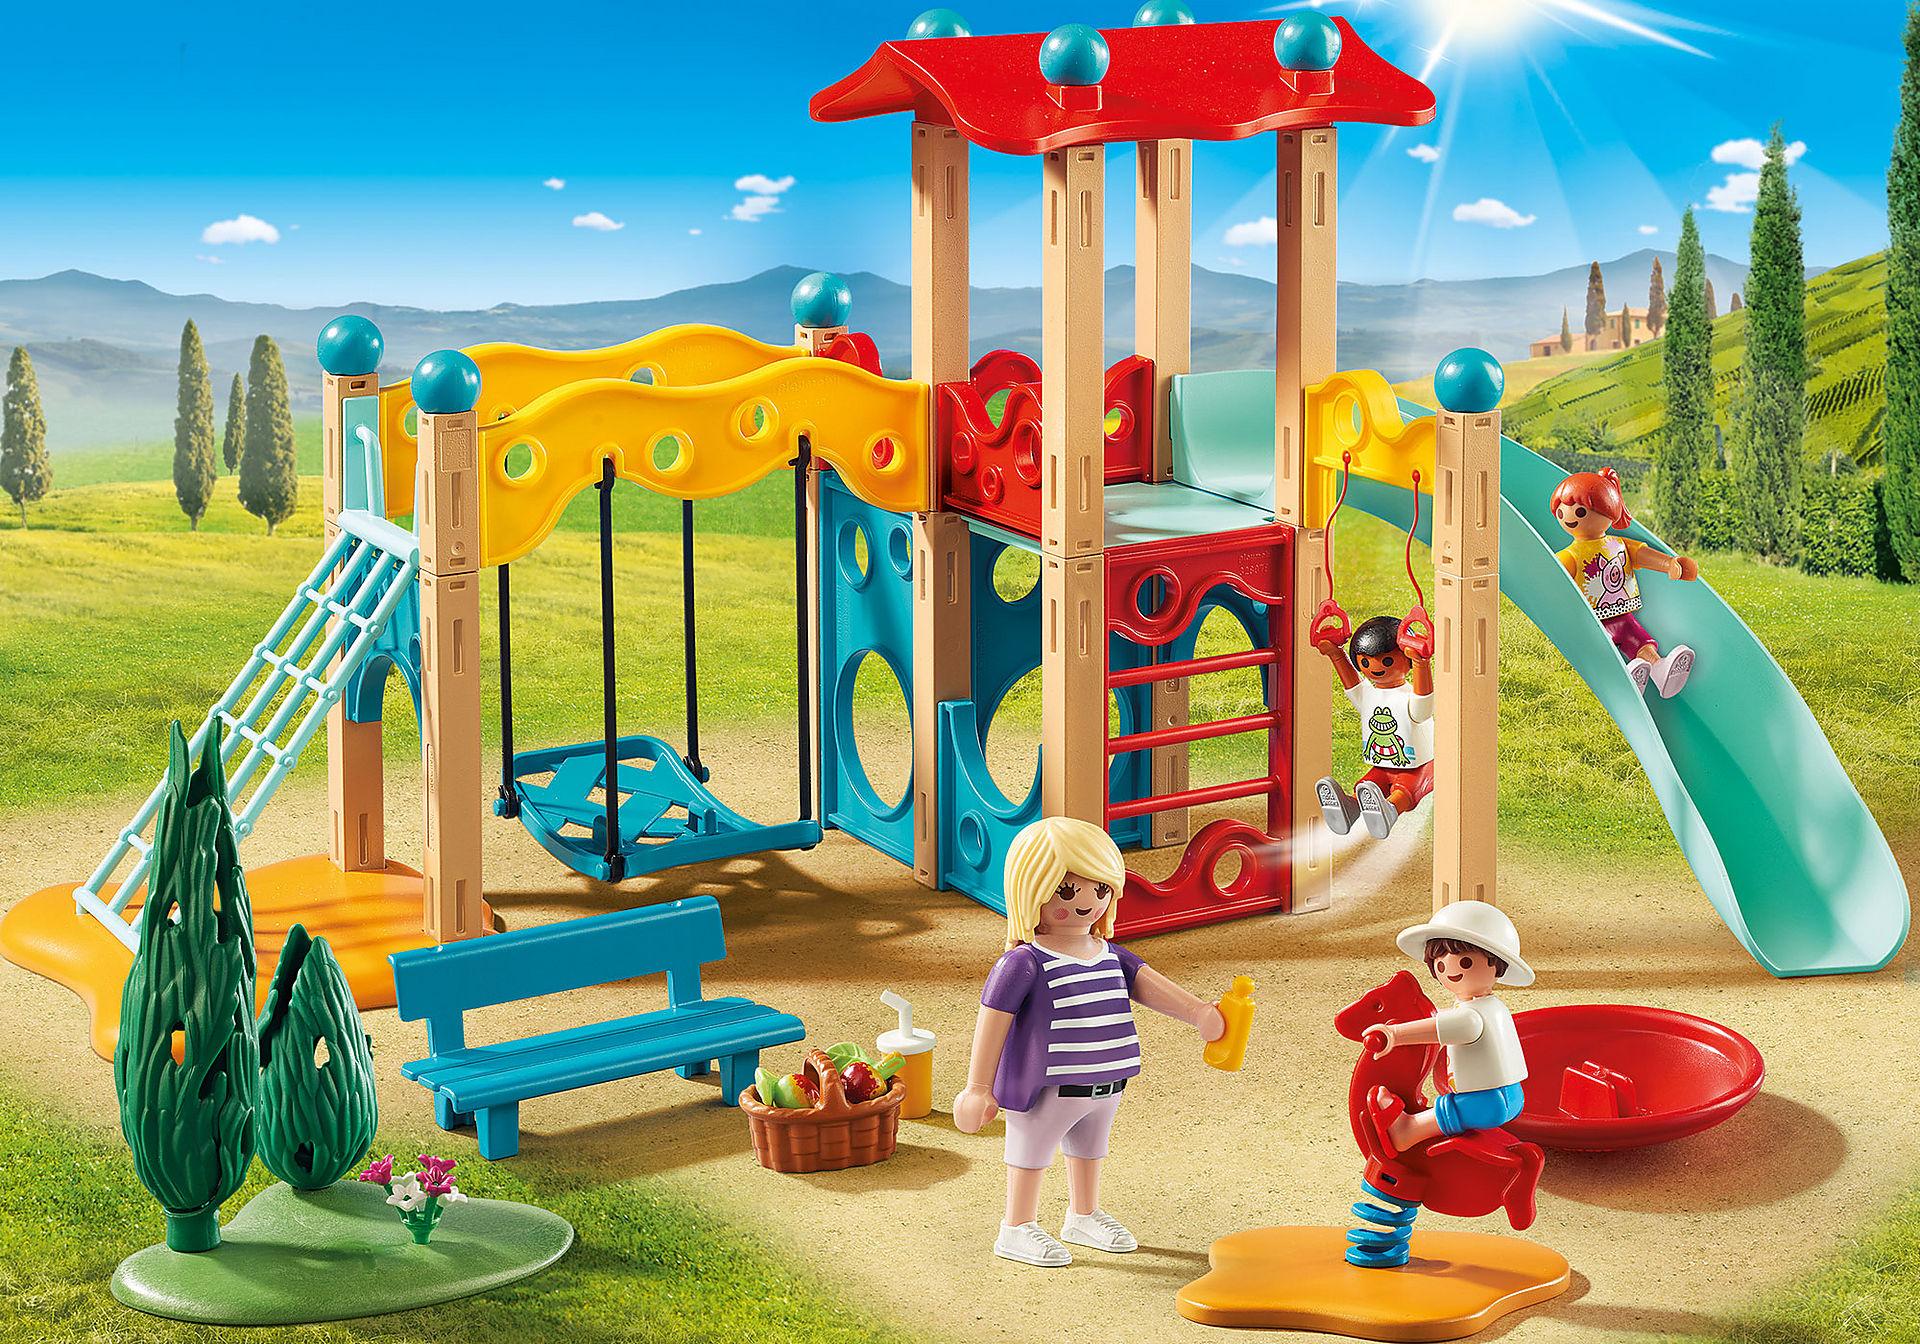 9423 Parc de jeu avec toboggan  zoom image1